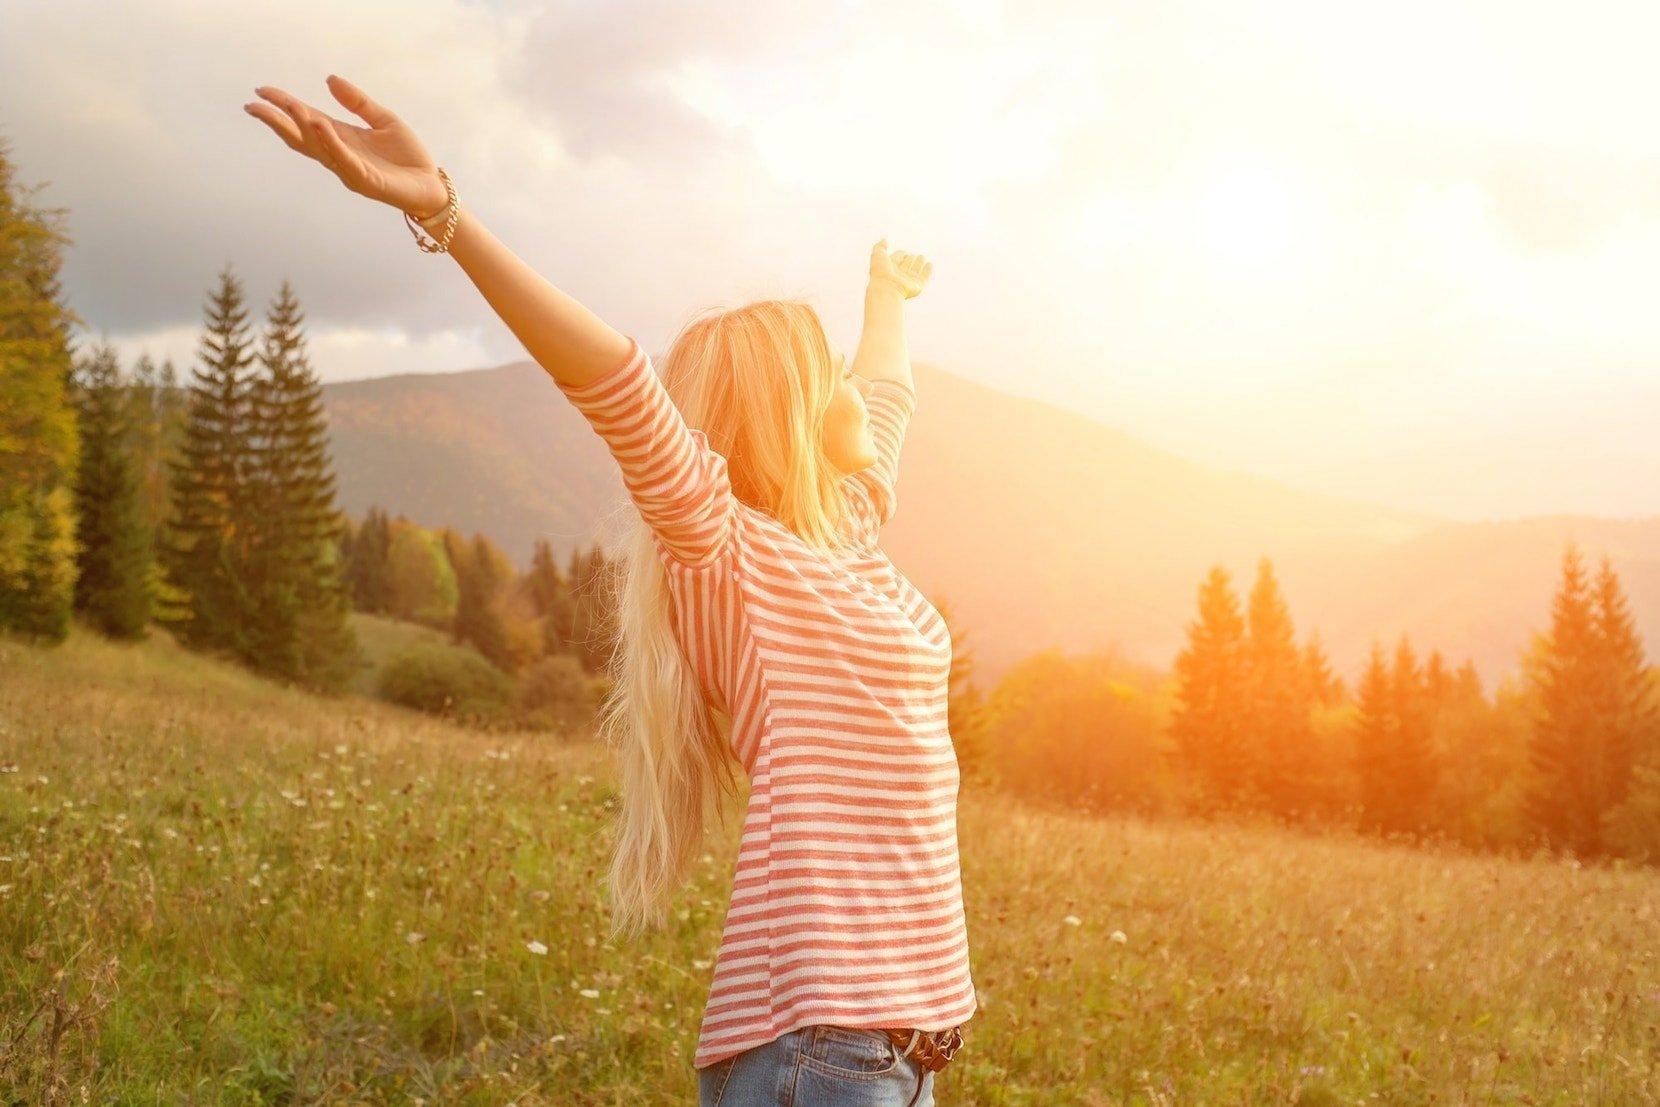 Zo stimuleer je zelf het gelukshormoon serotonine in jouw lichaam